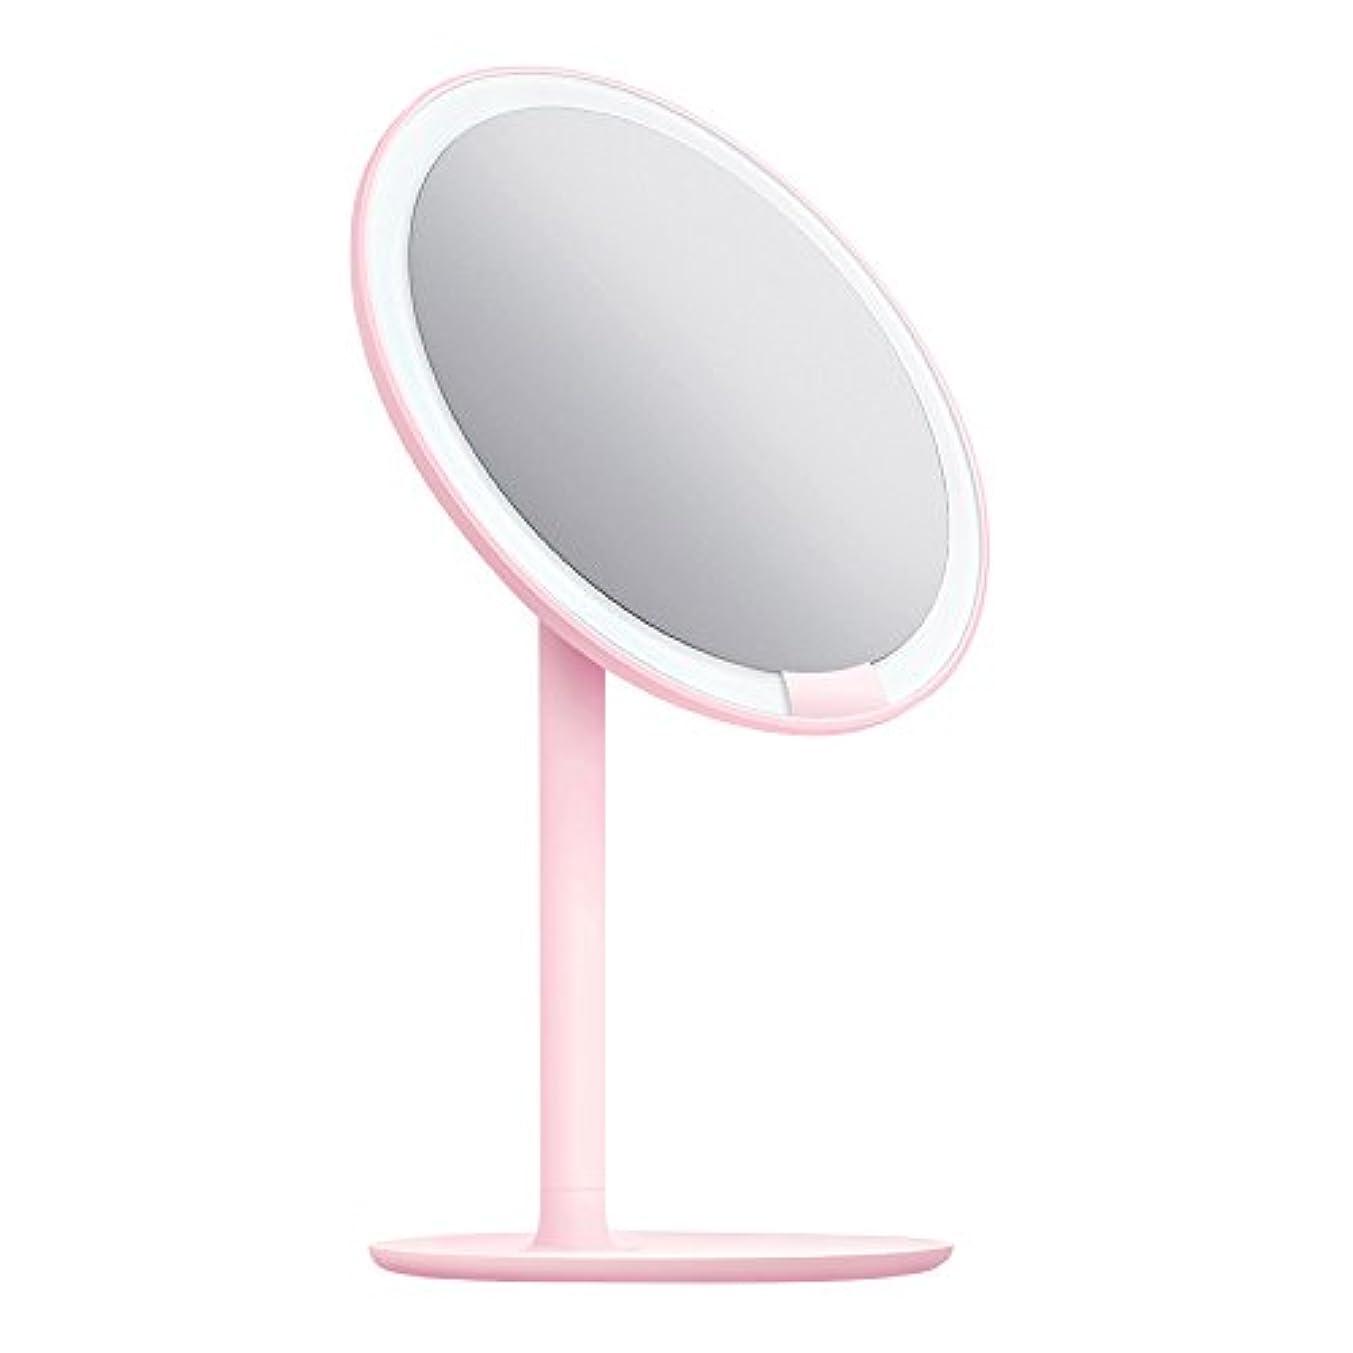 提案する遠近法杭AMIRO 化粧鏡 化粧ミラー LEDライト付き 卓上鏡 女優ミラー 3段階明るさ調節可能 コードレス 充電式